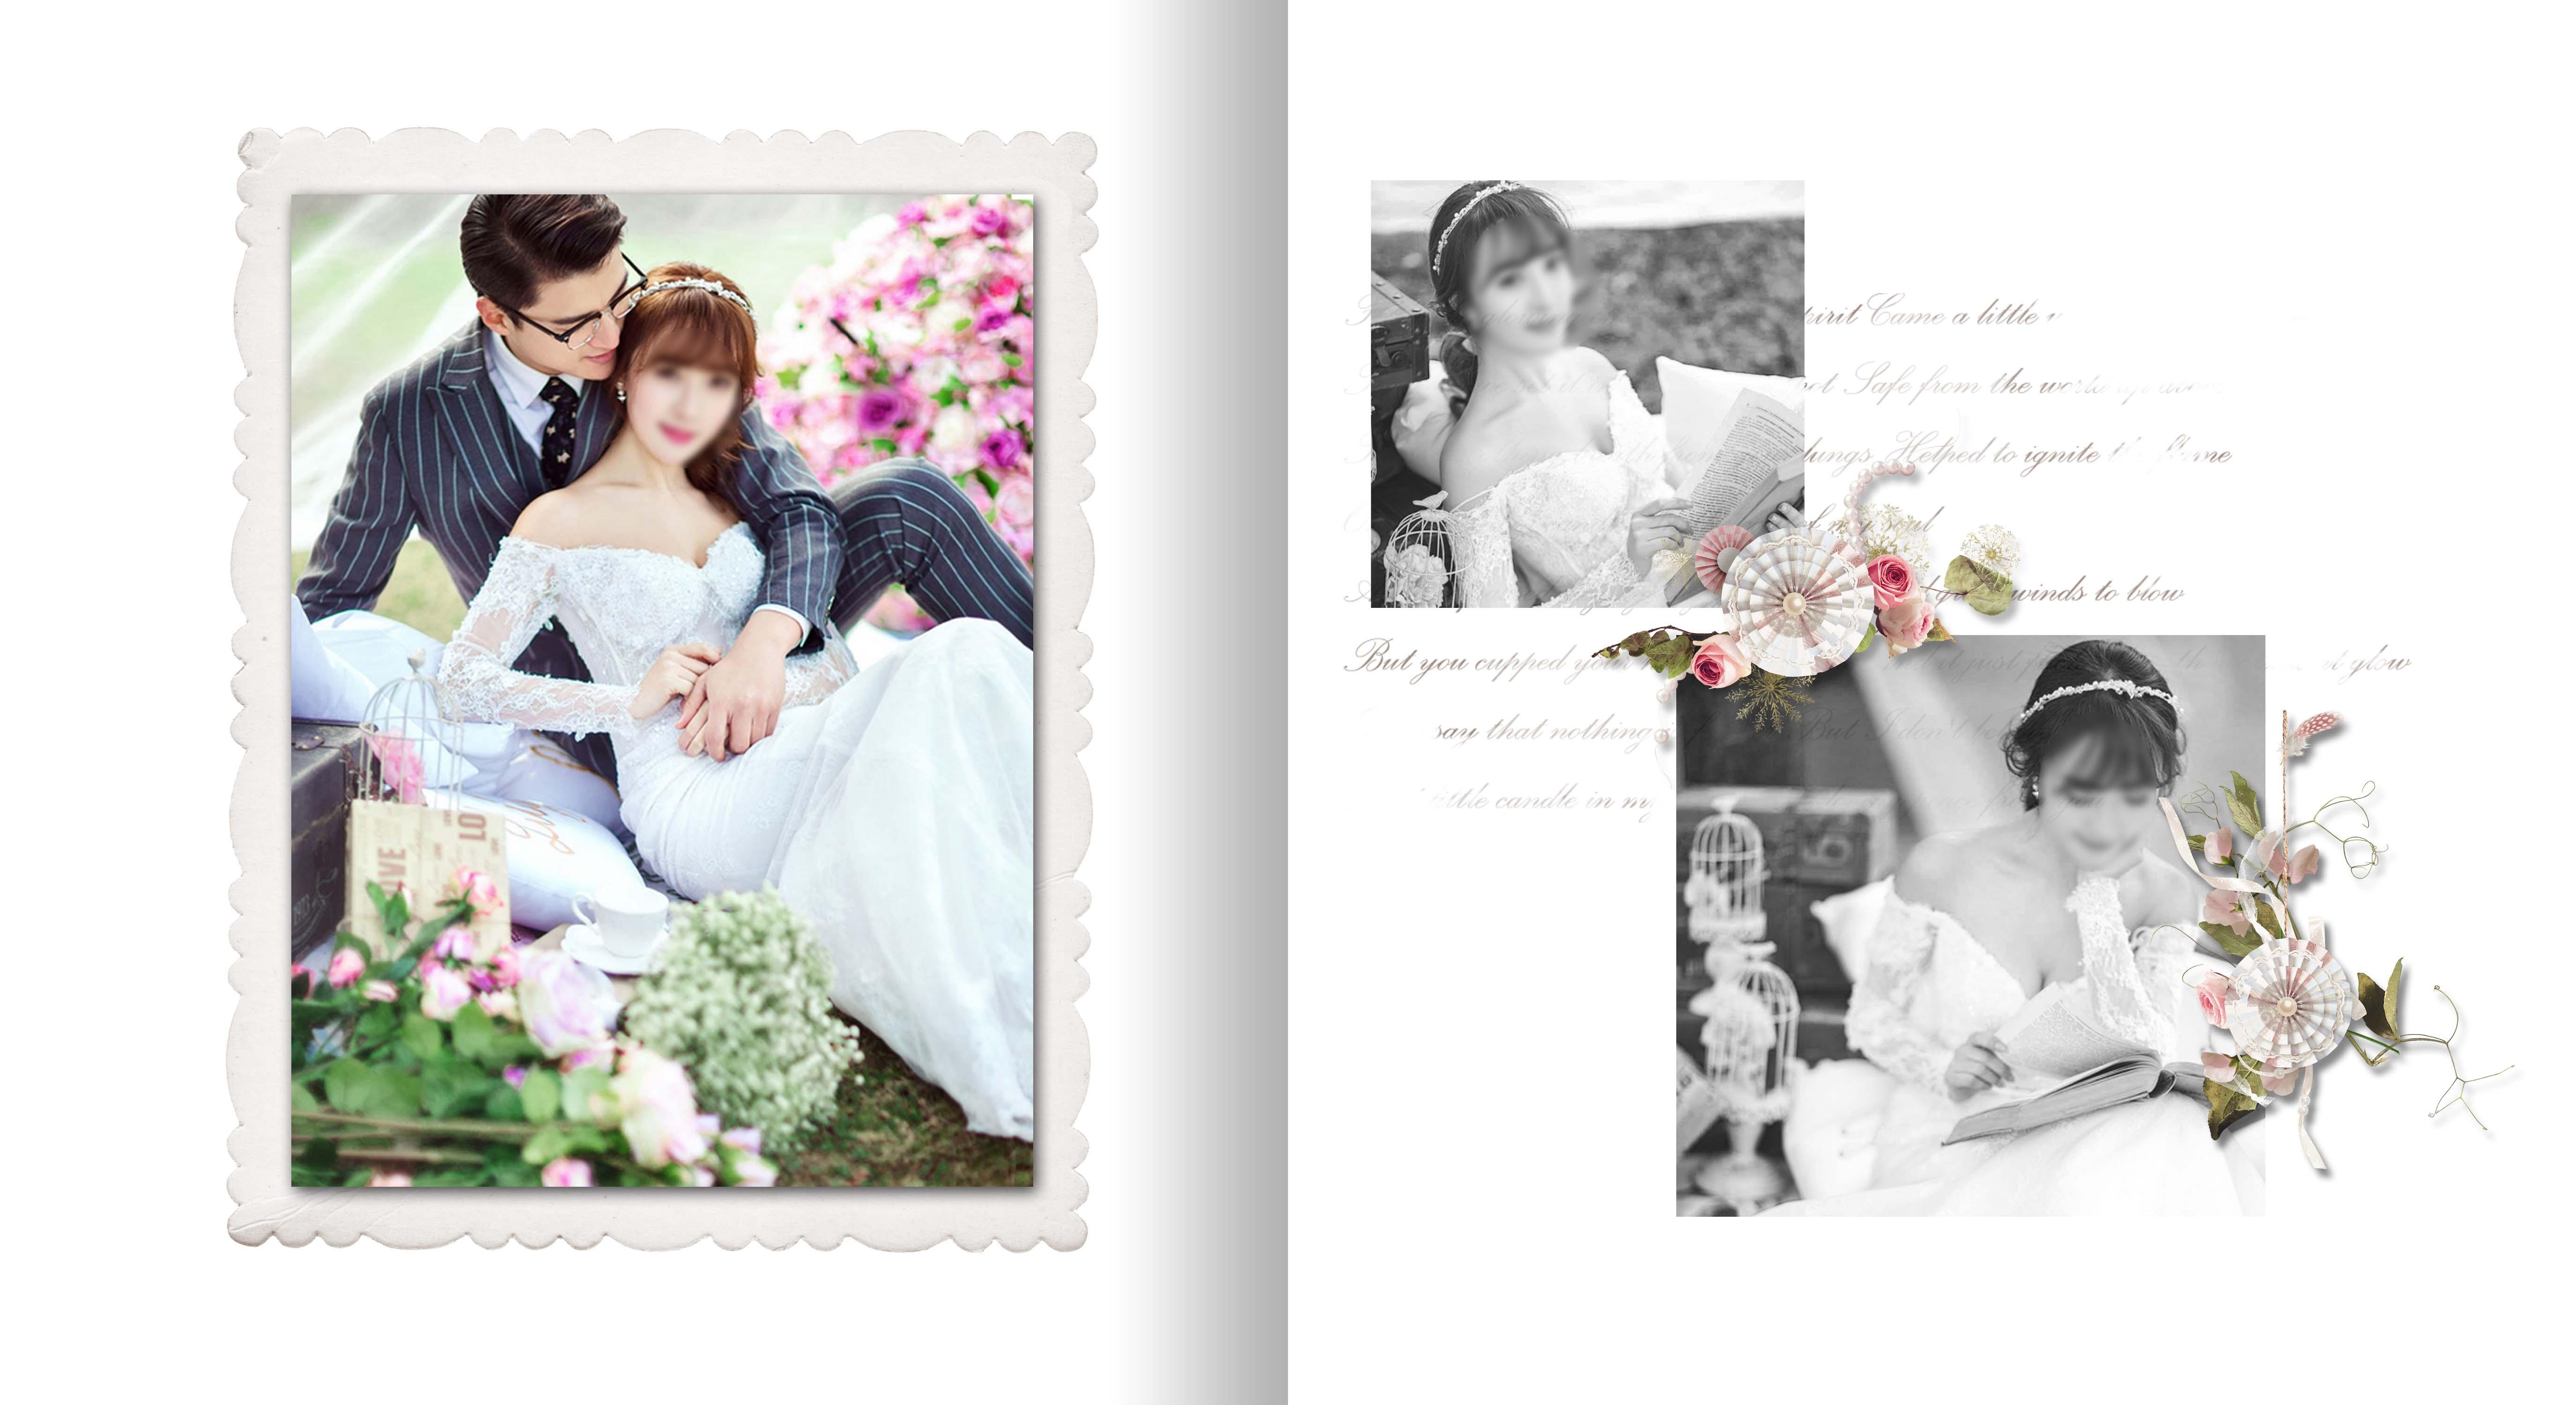 婚纱照 婚纱照模板 婚纱照素材 模板素材 板式设计 排版 韩版婚纱照图片